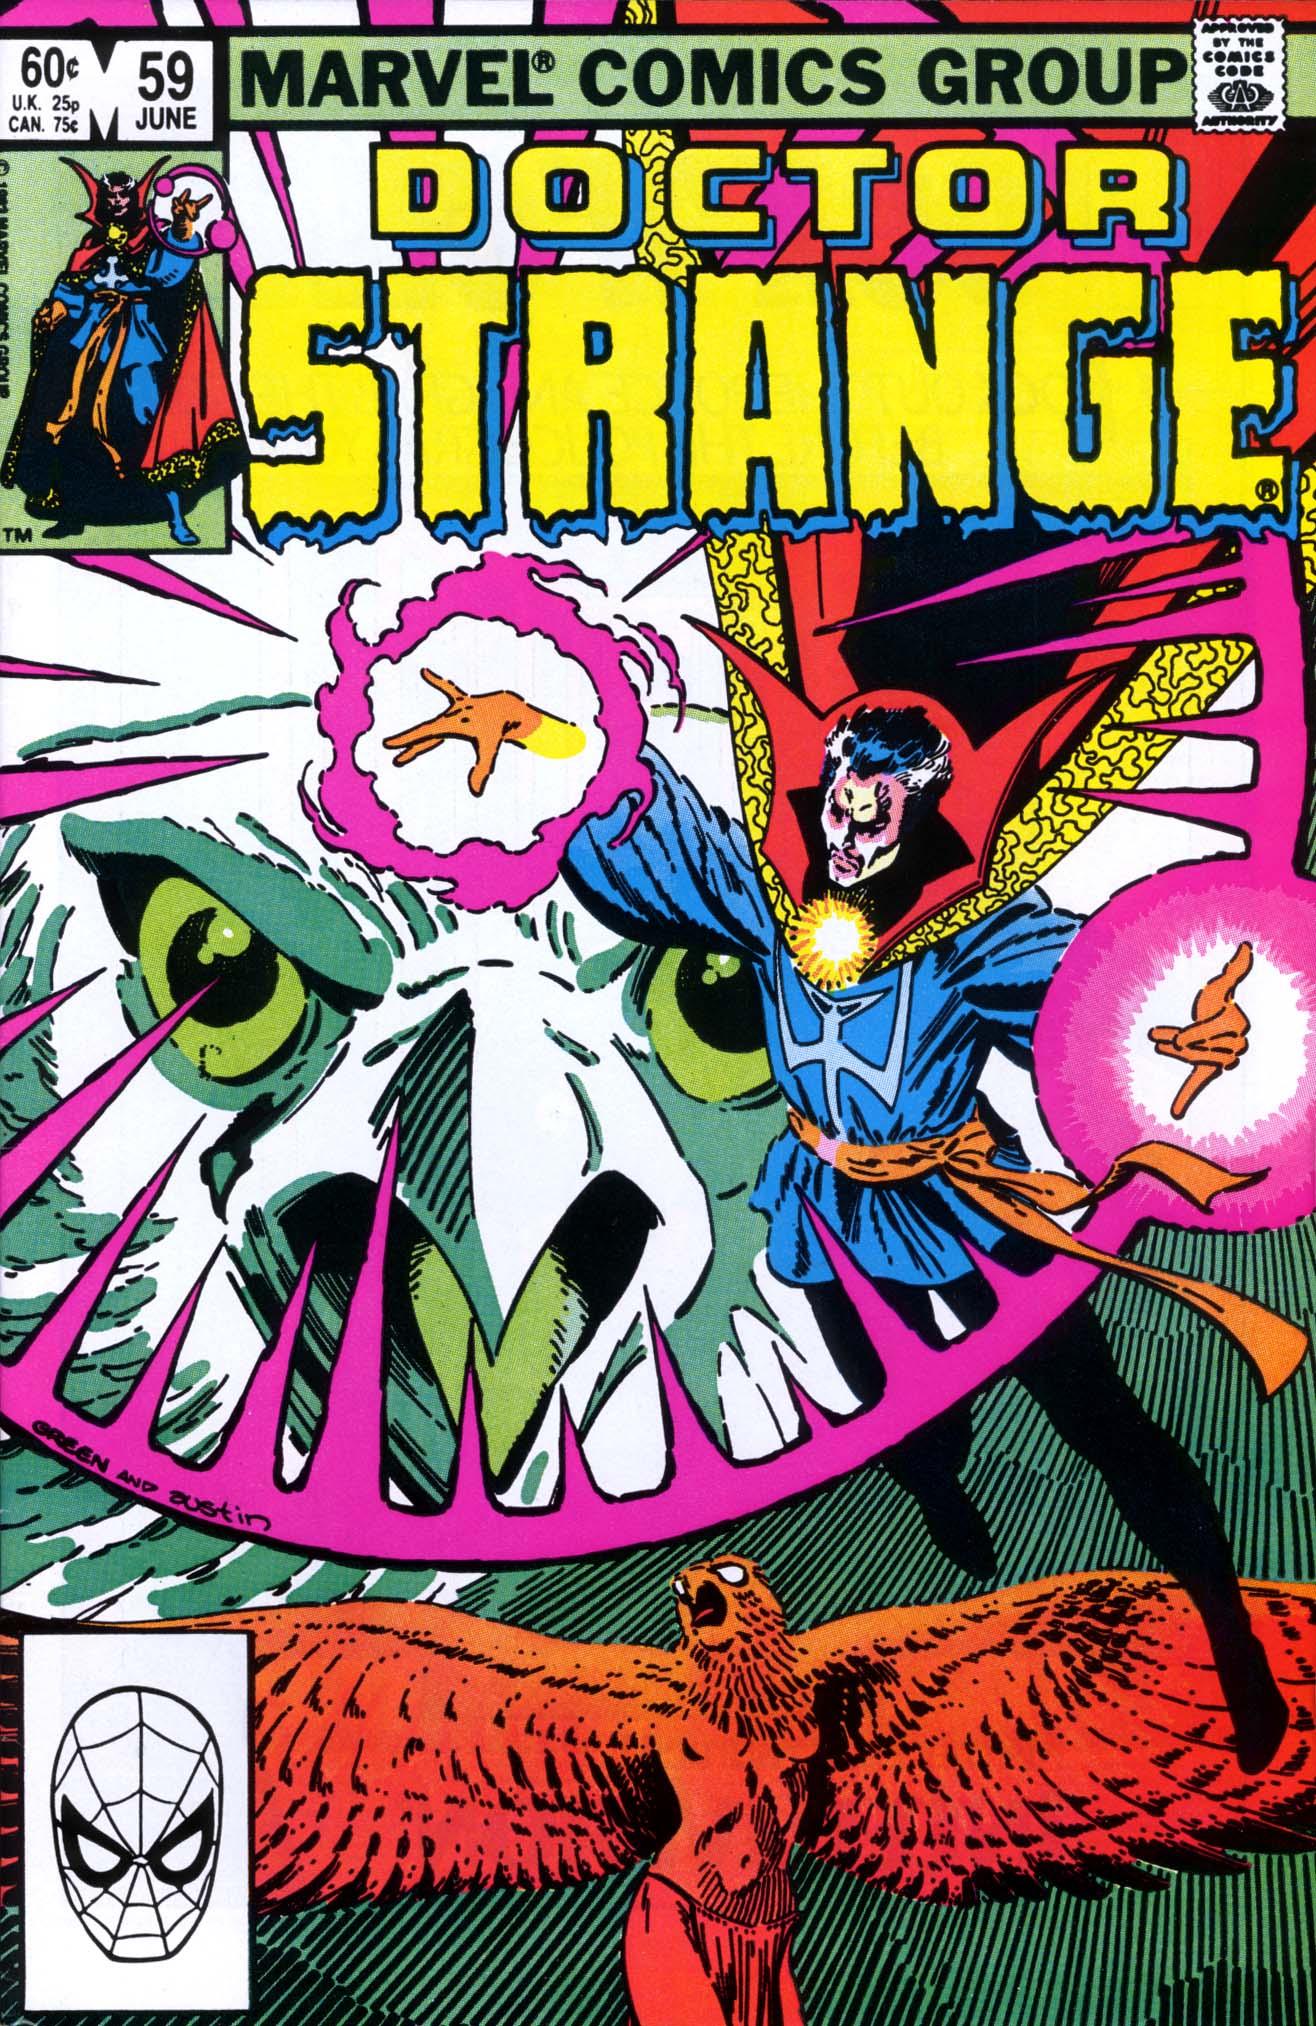 Doctor Strange (1974) 59 Page 1